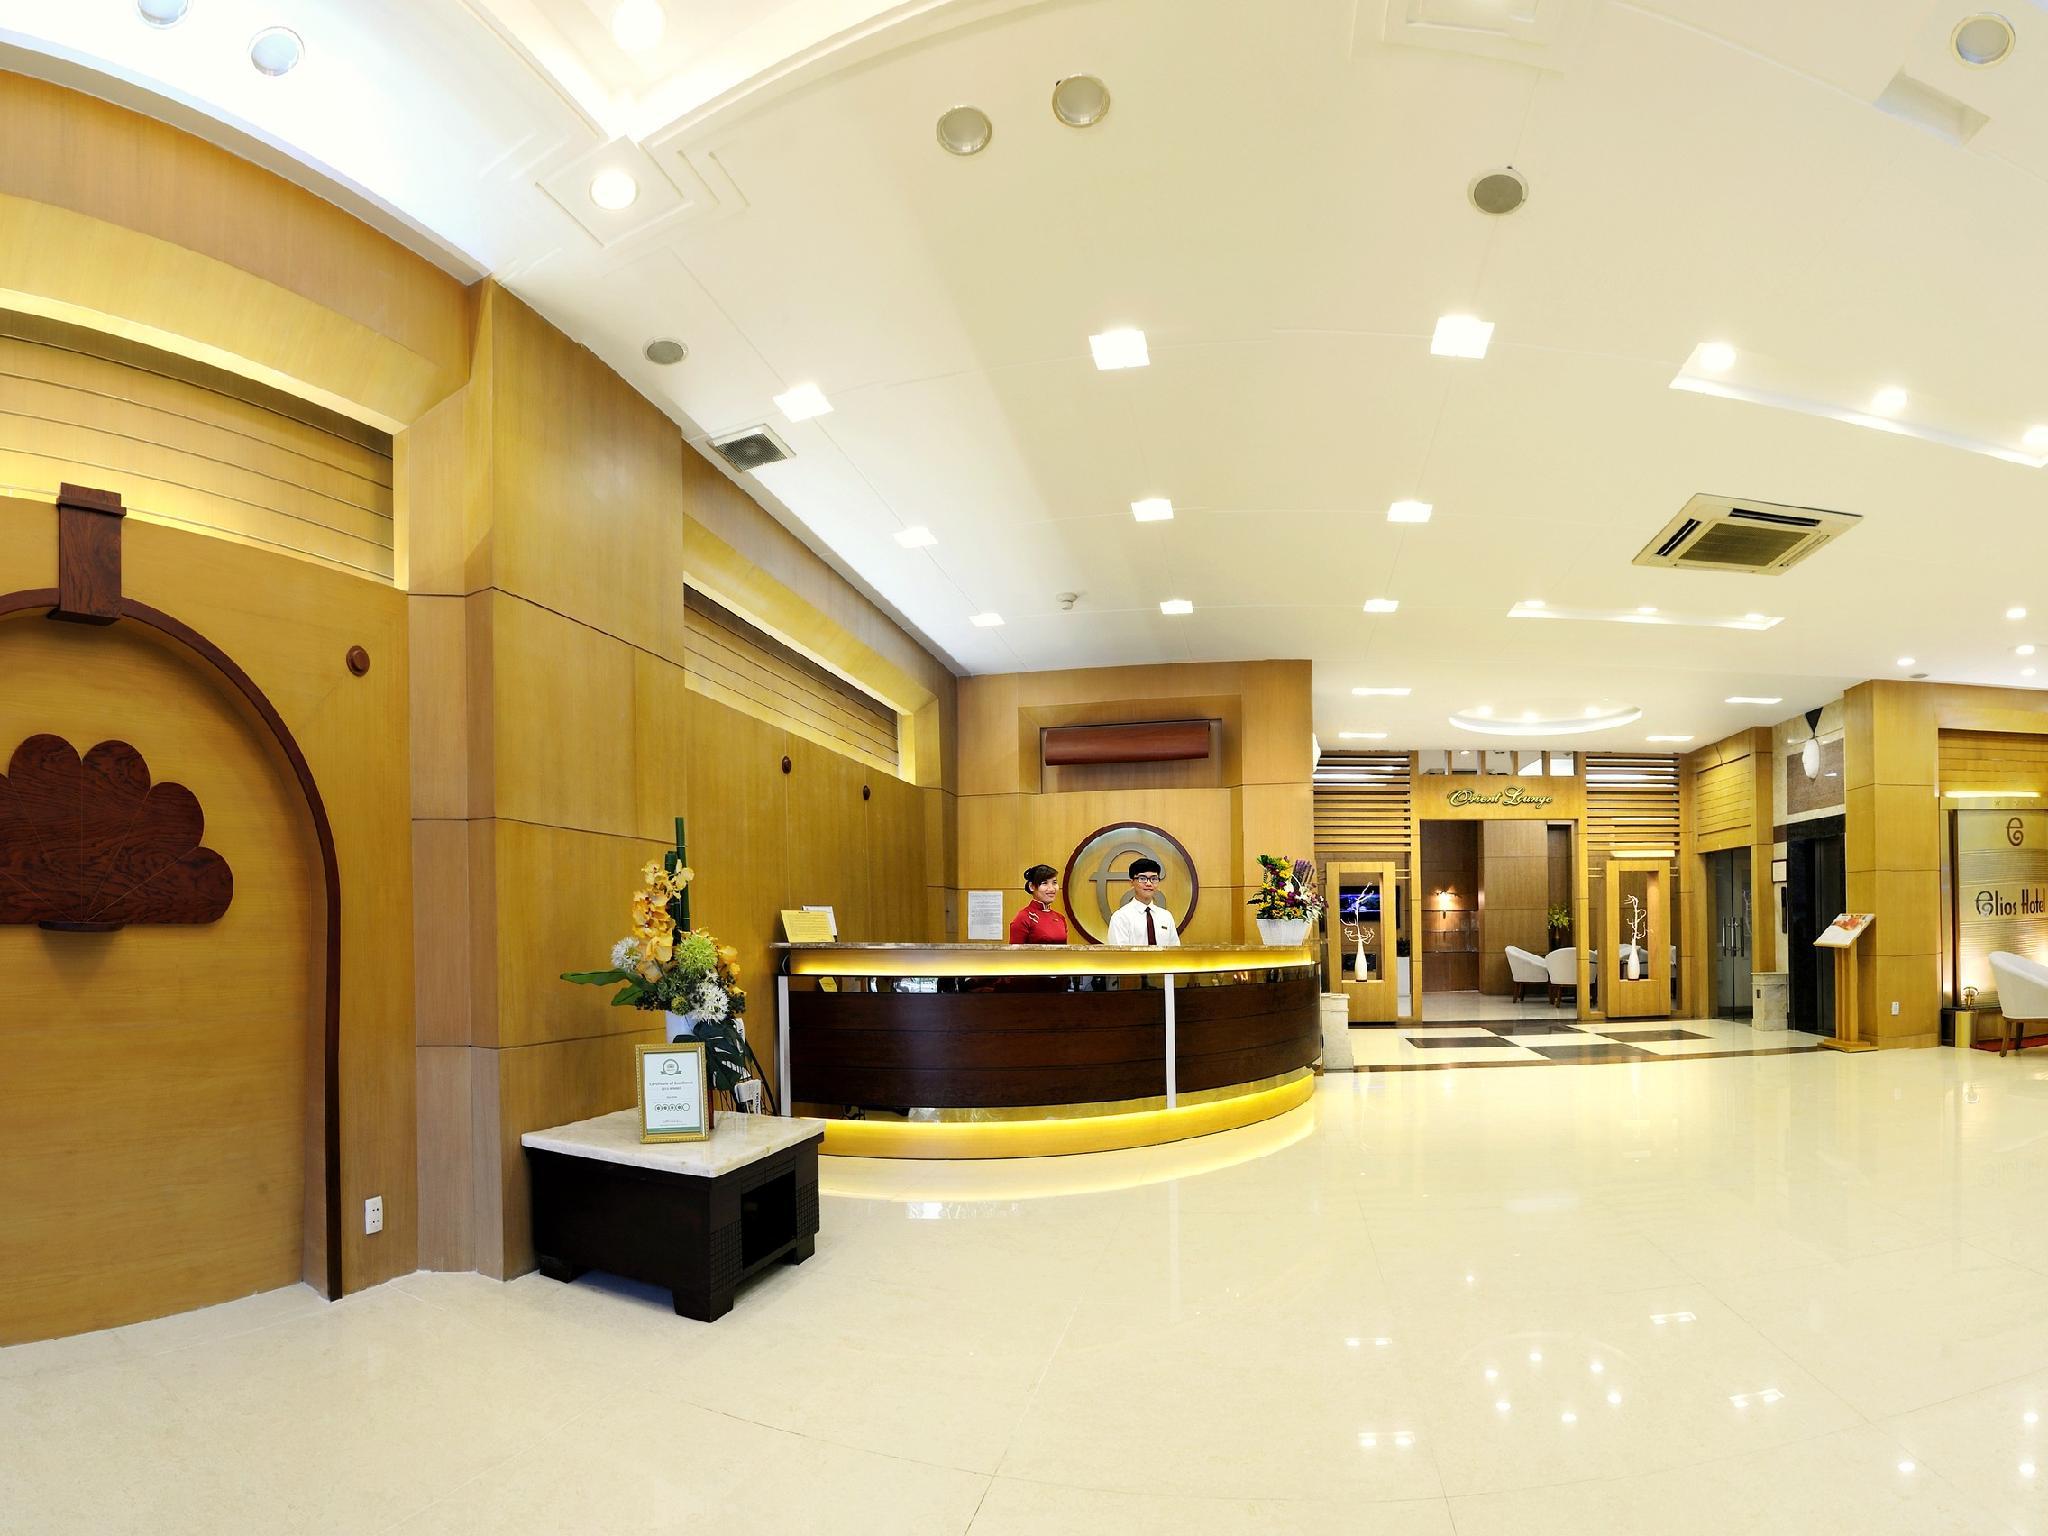 Khách Sạn Elios Hồ Chí Minh